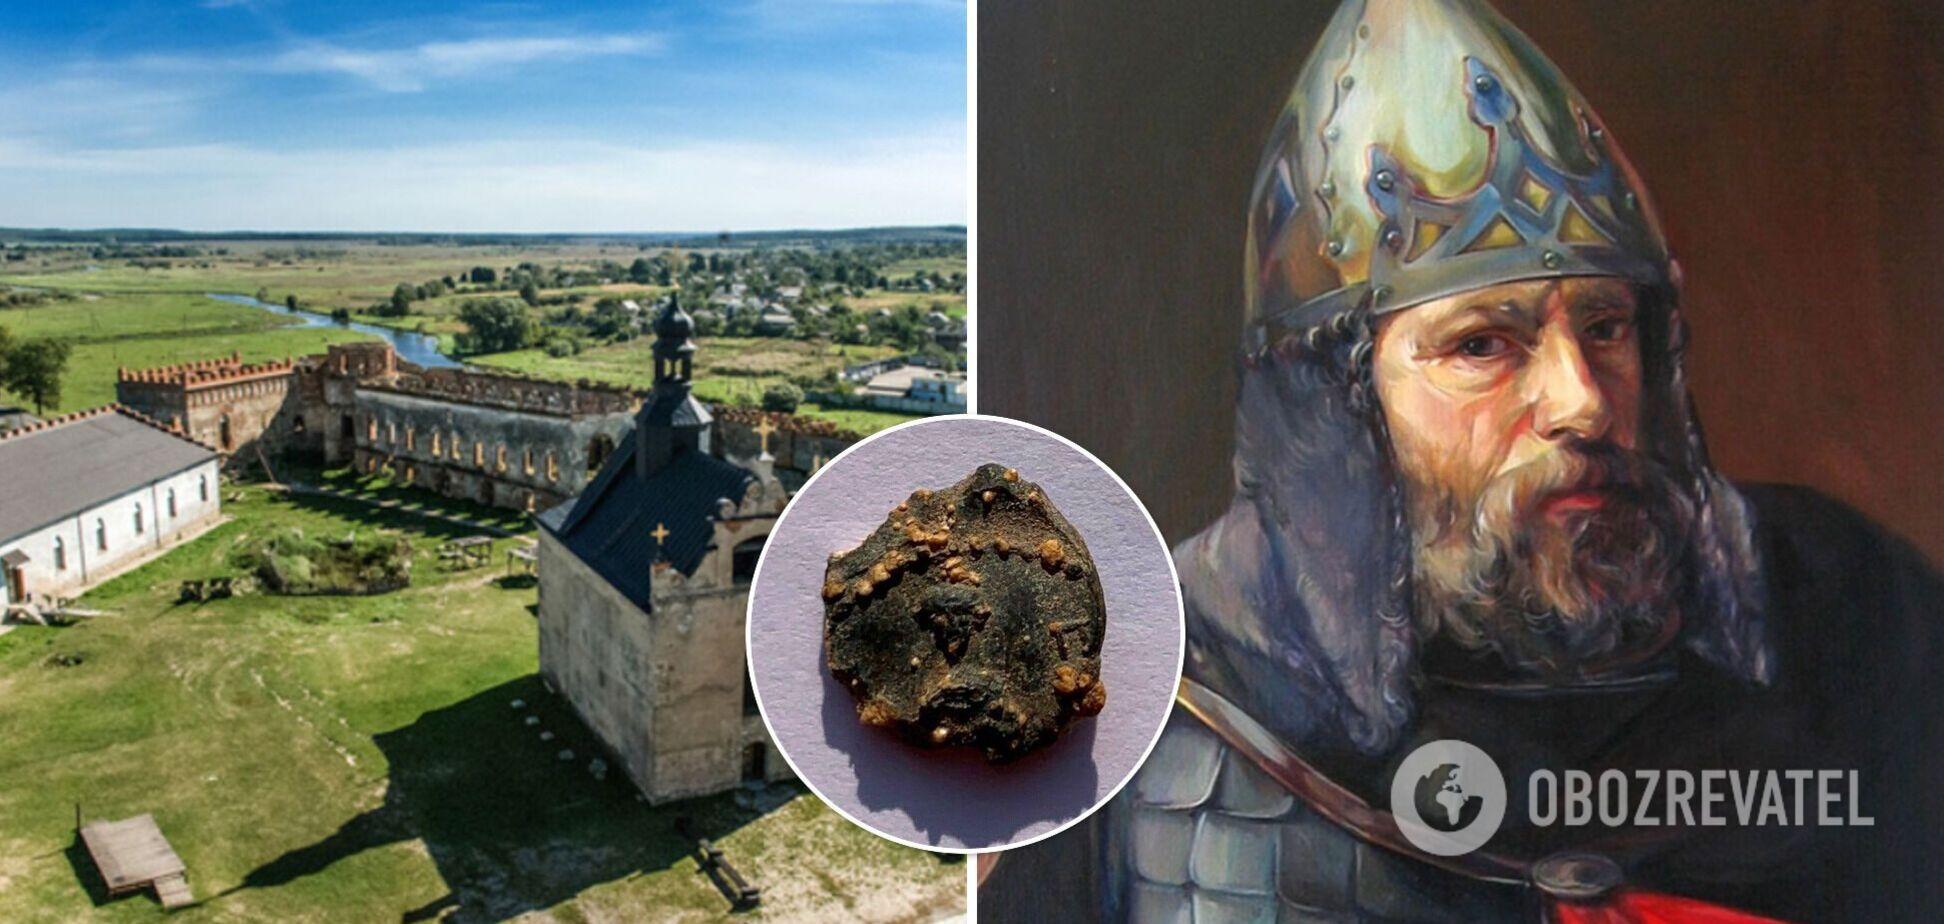 У Хмельницькій області археологи виявили печатки київського князя, яким 900 років. Фото